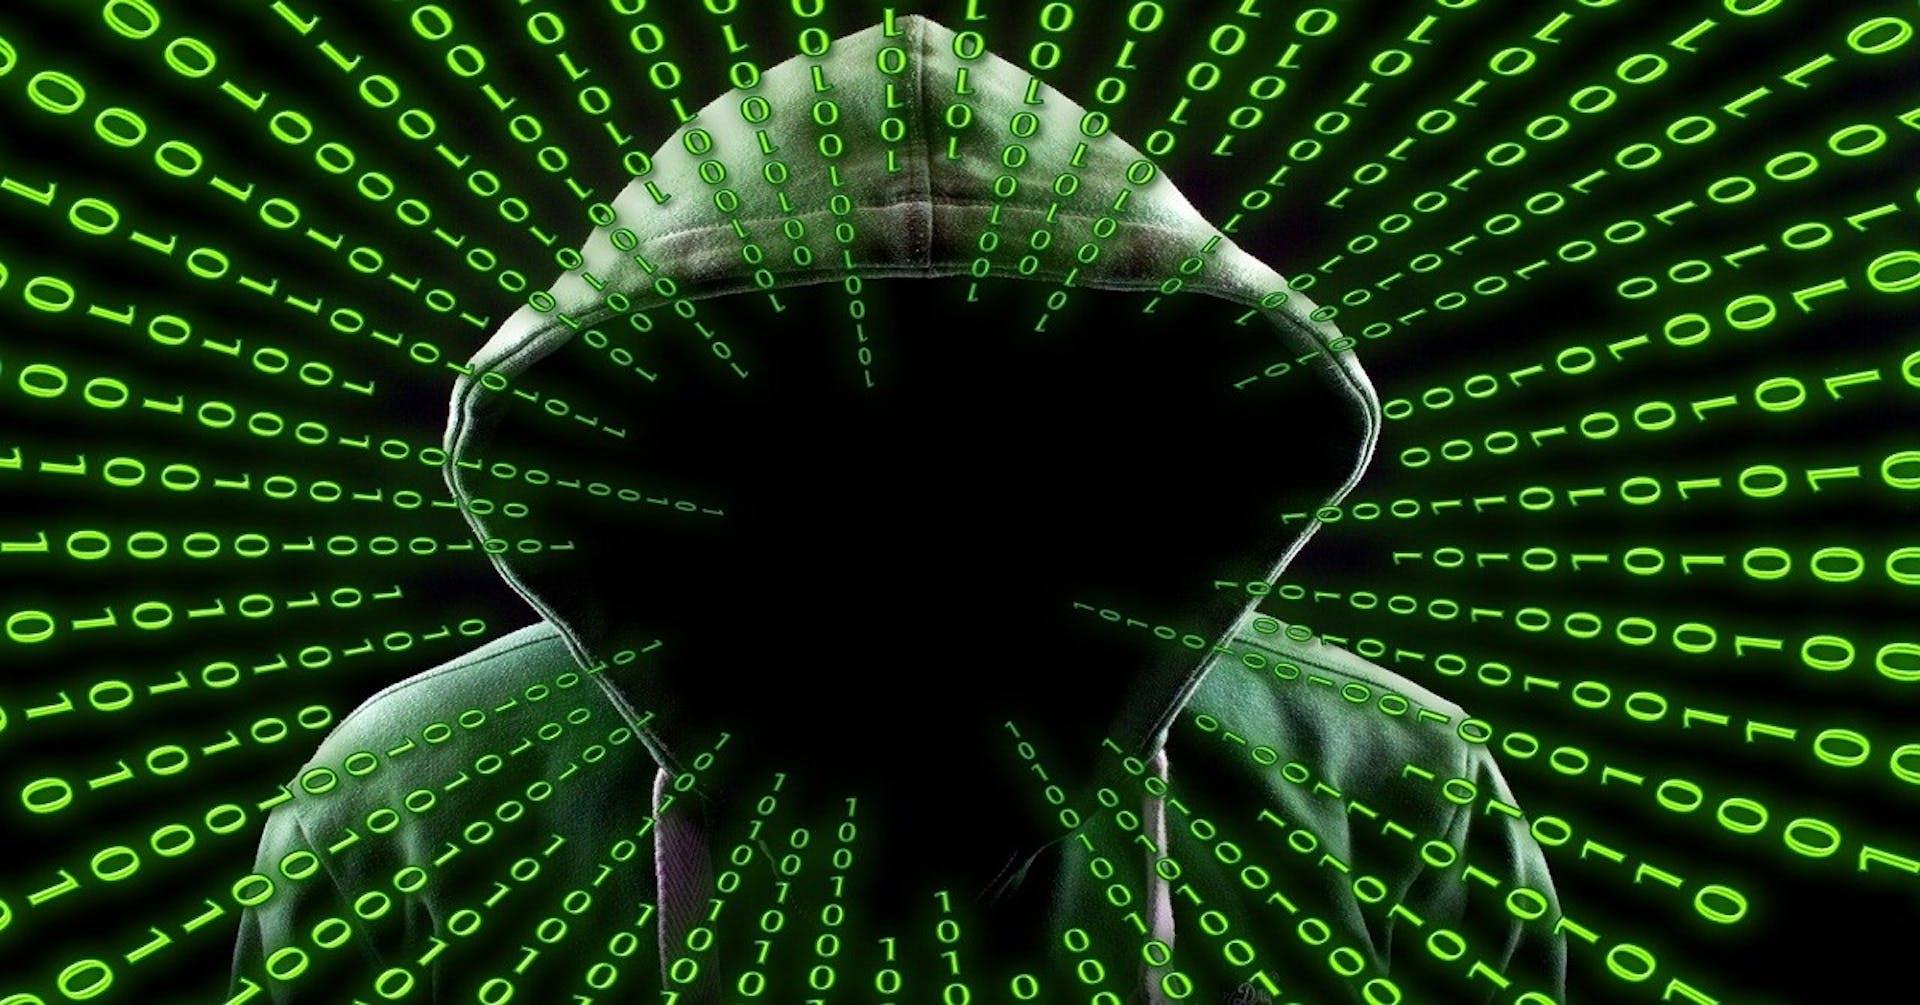 Descubre cómo saber si una página web es segura y evita los peligros virtuales